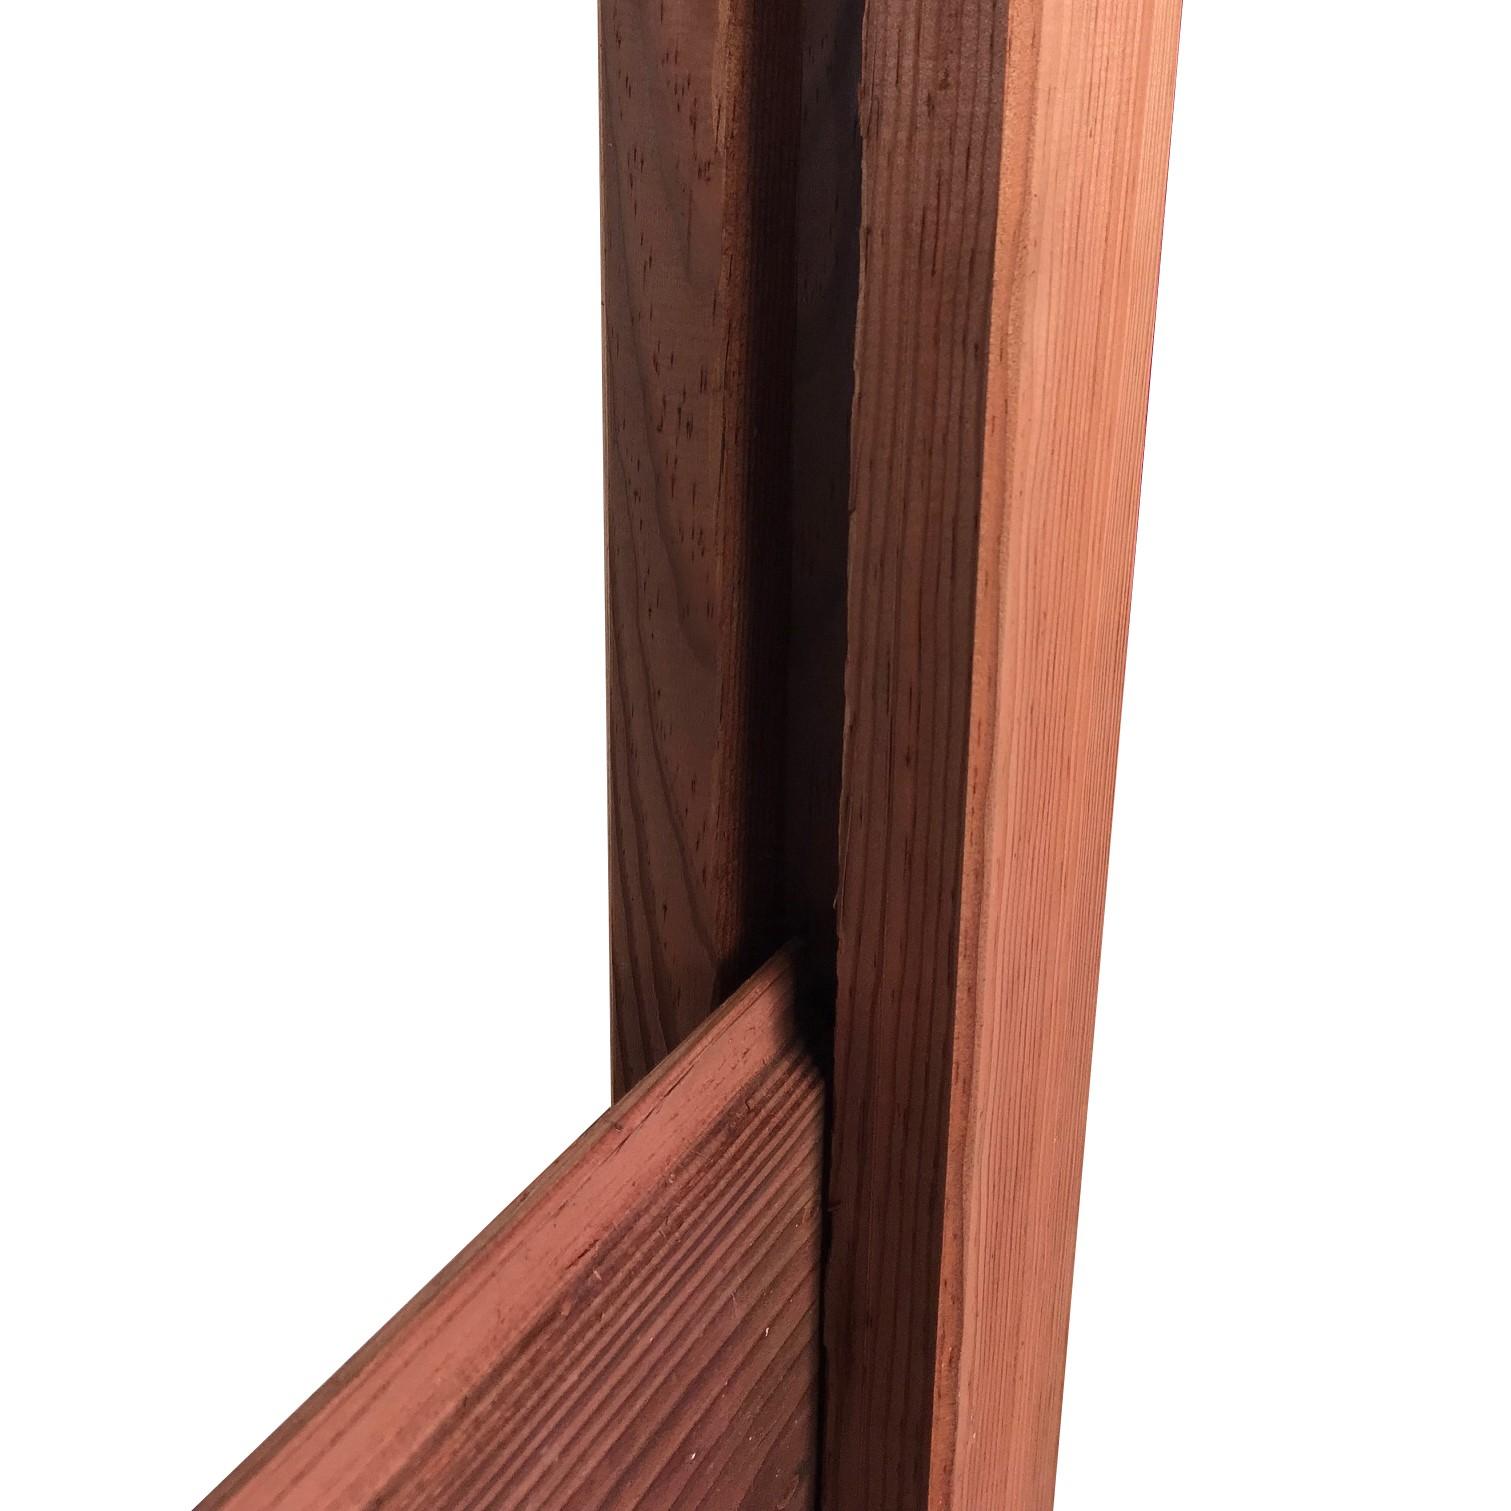 Cloture Bois Hauteur 2M50 piquet bois cloture bricomarche – gamboahinestrosa